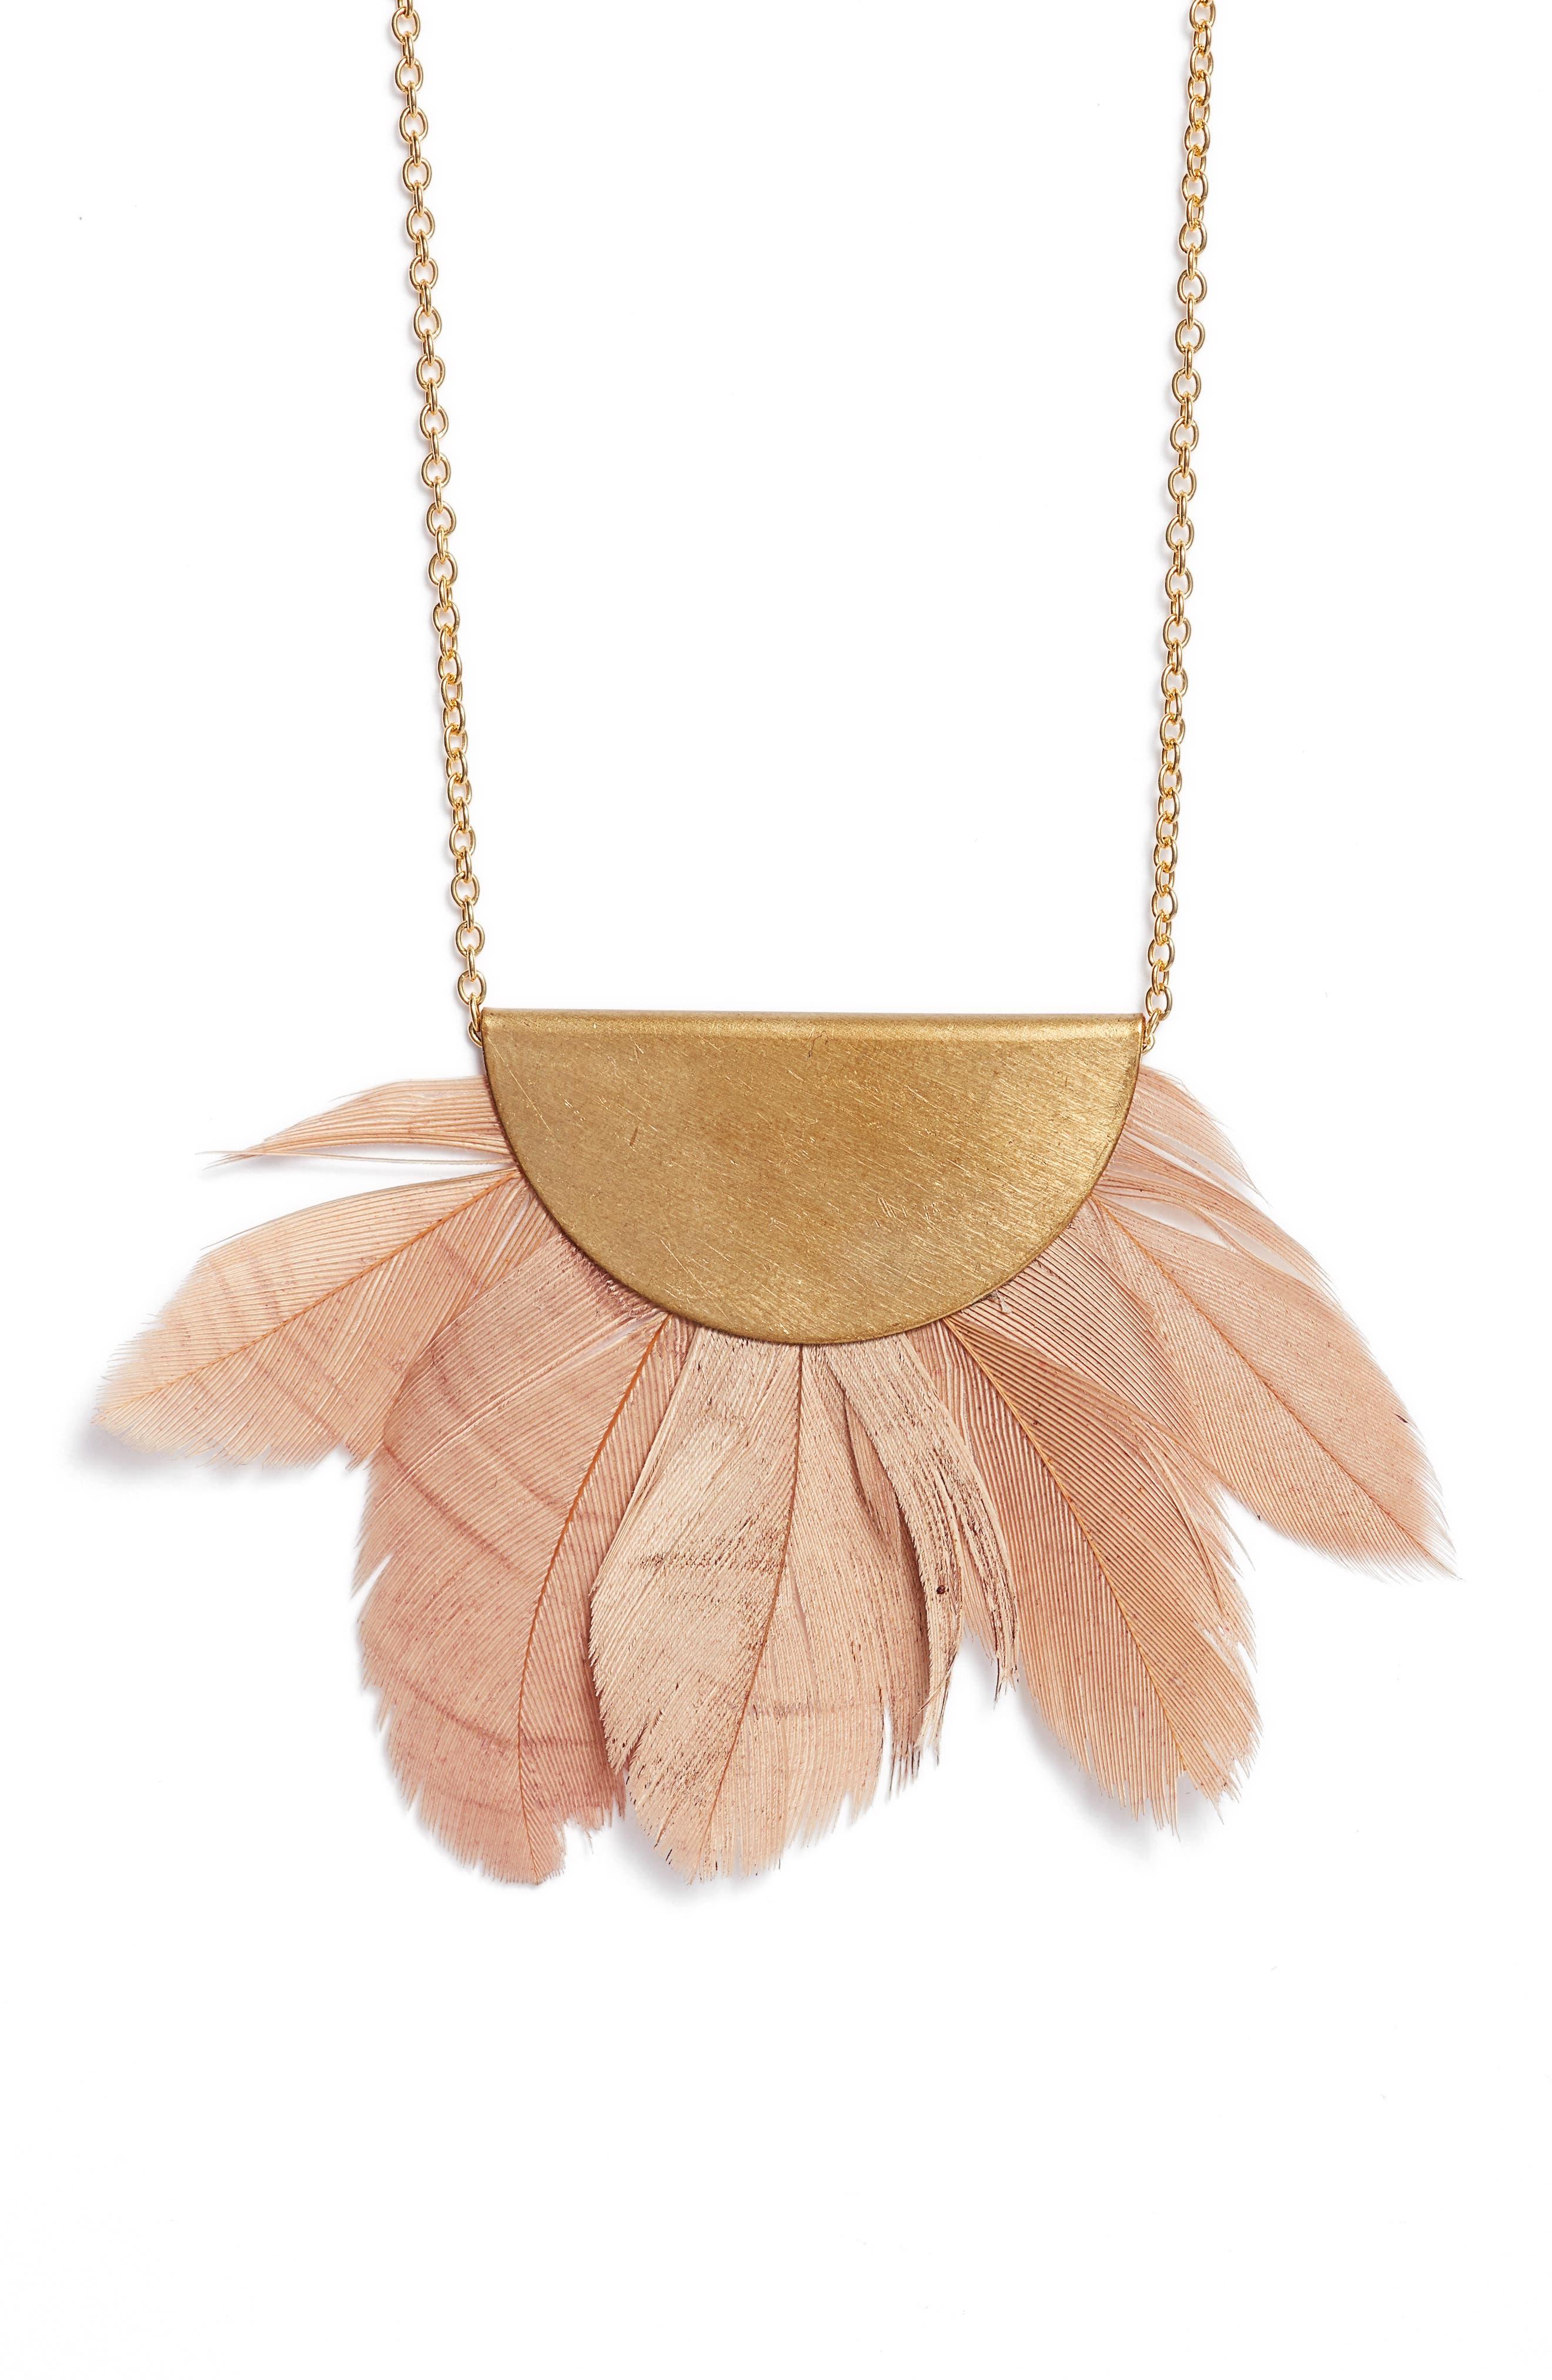 Feather Fan Pendant Necklace,                             Main thumbnail 1, color,                             Gold/ Blush